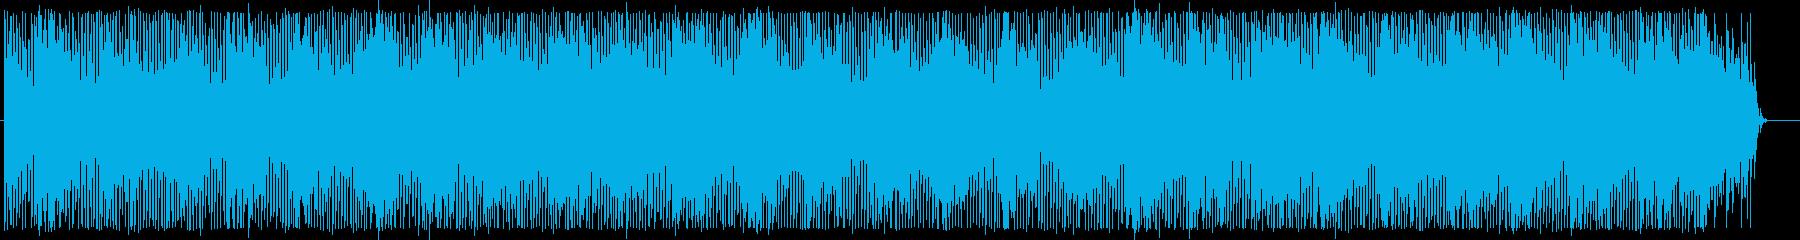 ほのぼのとしたエレクトロの再生済みの波形